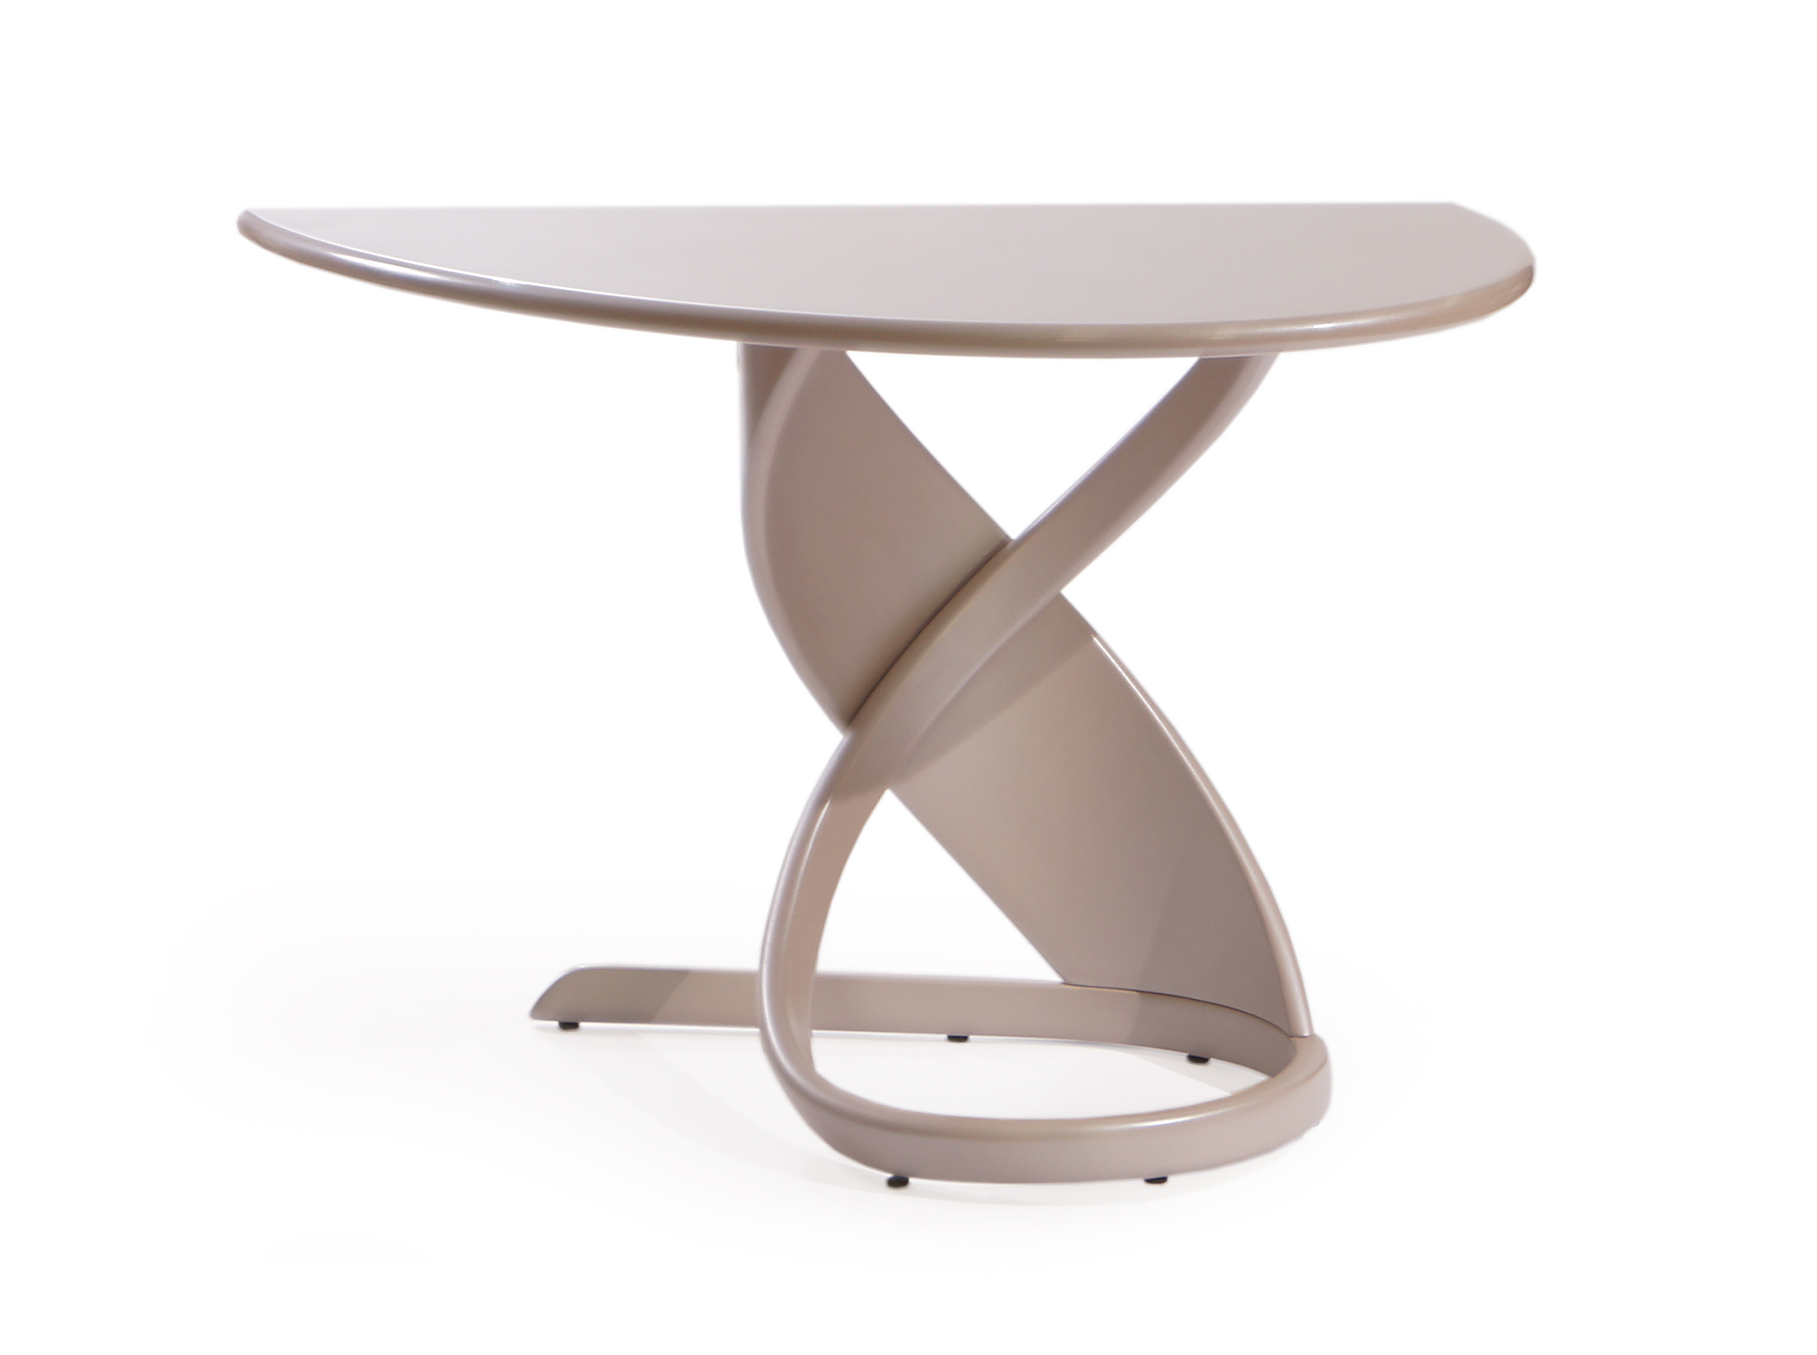 Стол пристенный Virtuos PПриставные столики<br>Воздушность форм и элегантные элементы – характерные признаки дизайнерской мебели от Actual Design, и большой обеденный стол не является исключением. Обладая небольшими размерами, он позволит сэкономить драгоценное пространство в интерьере, при этом, не лишаясь своей функциональности.<br>Столешница, выполненная из натурального дерева, приближает человека к природе, даря при этом много тепла и приятных ощущений.<br><br>Material: Дерево<br>Length см: None<br>Width см: 105<br>Depth см: 60<br>Height см: 75